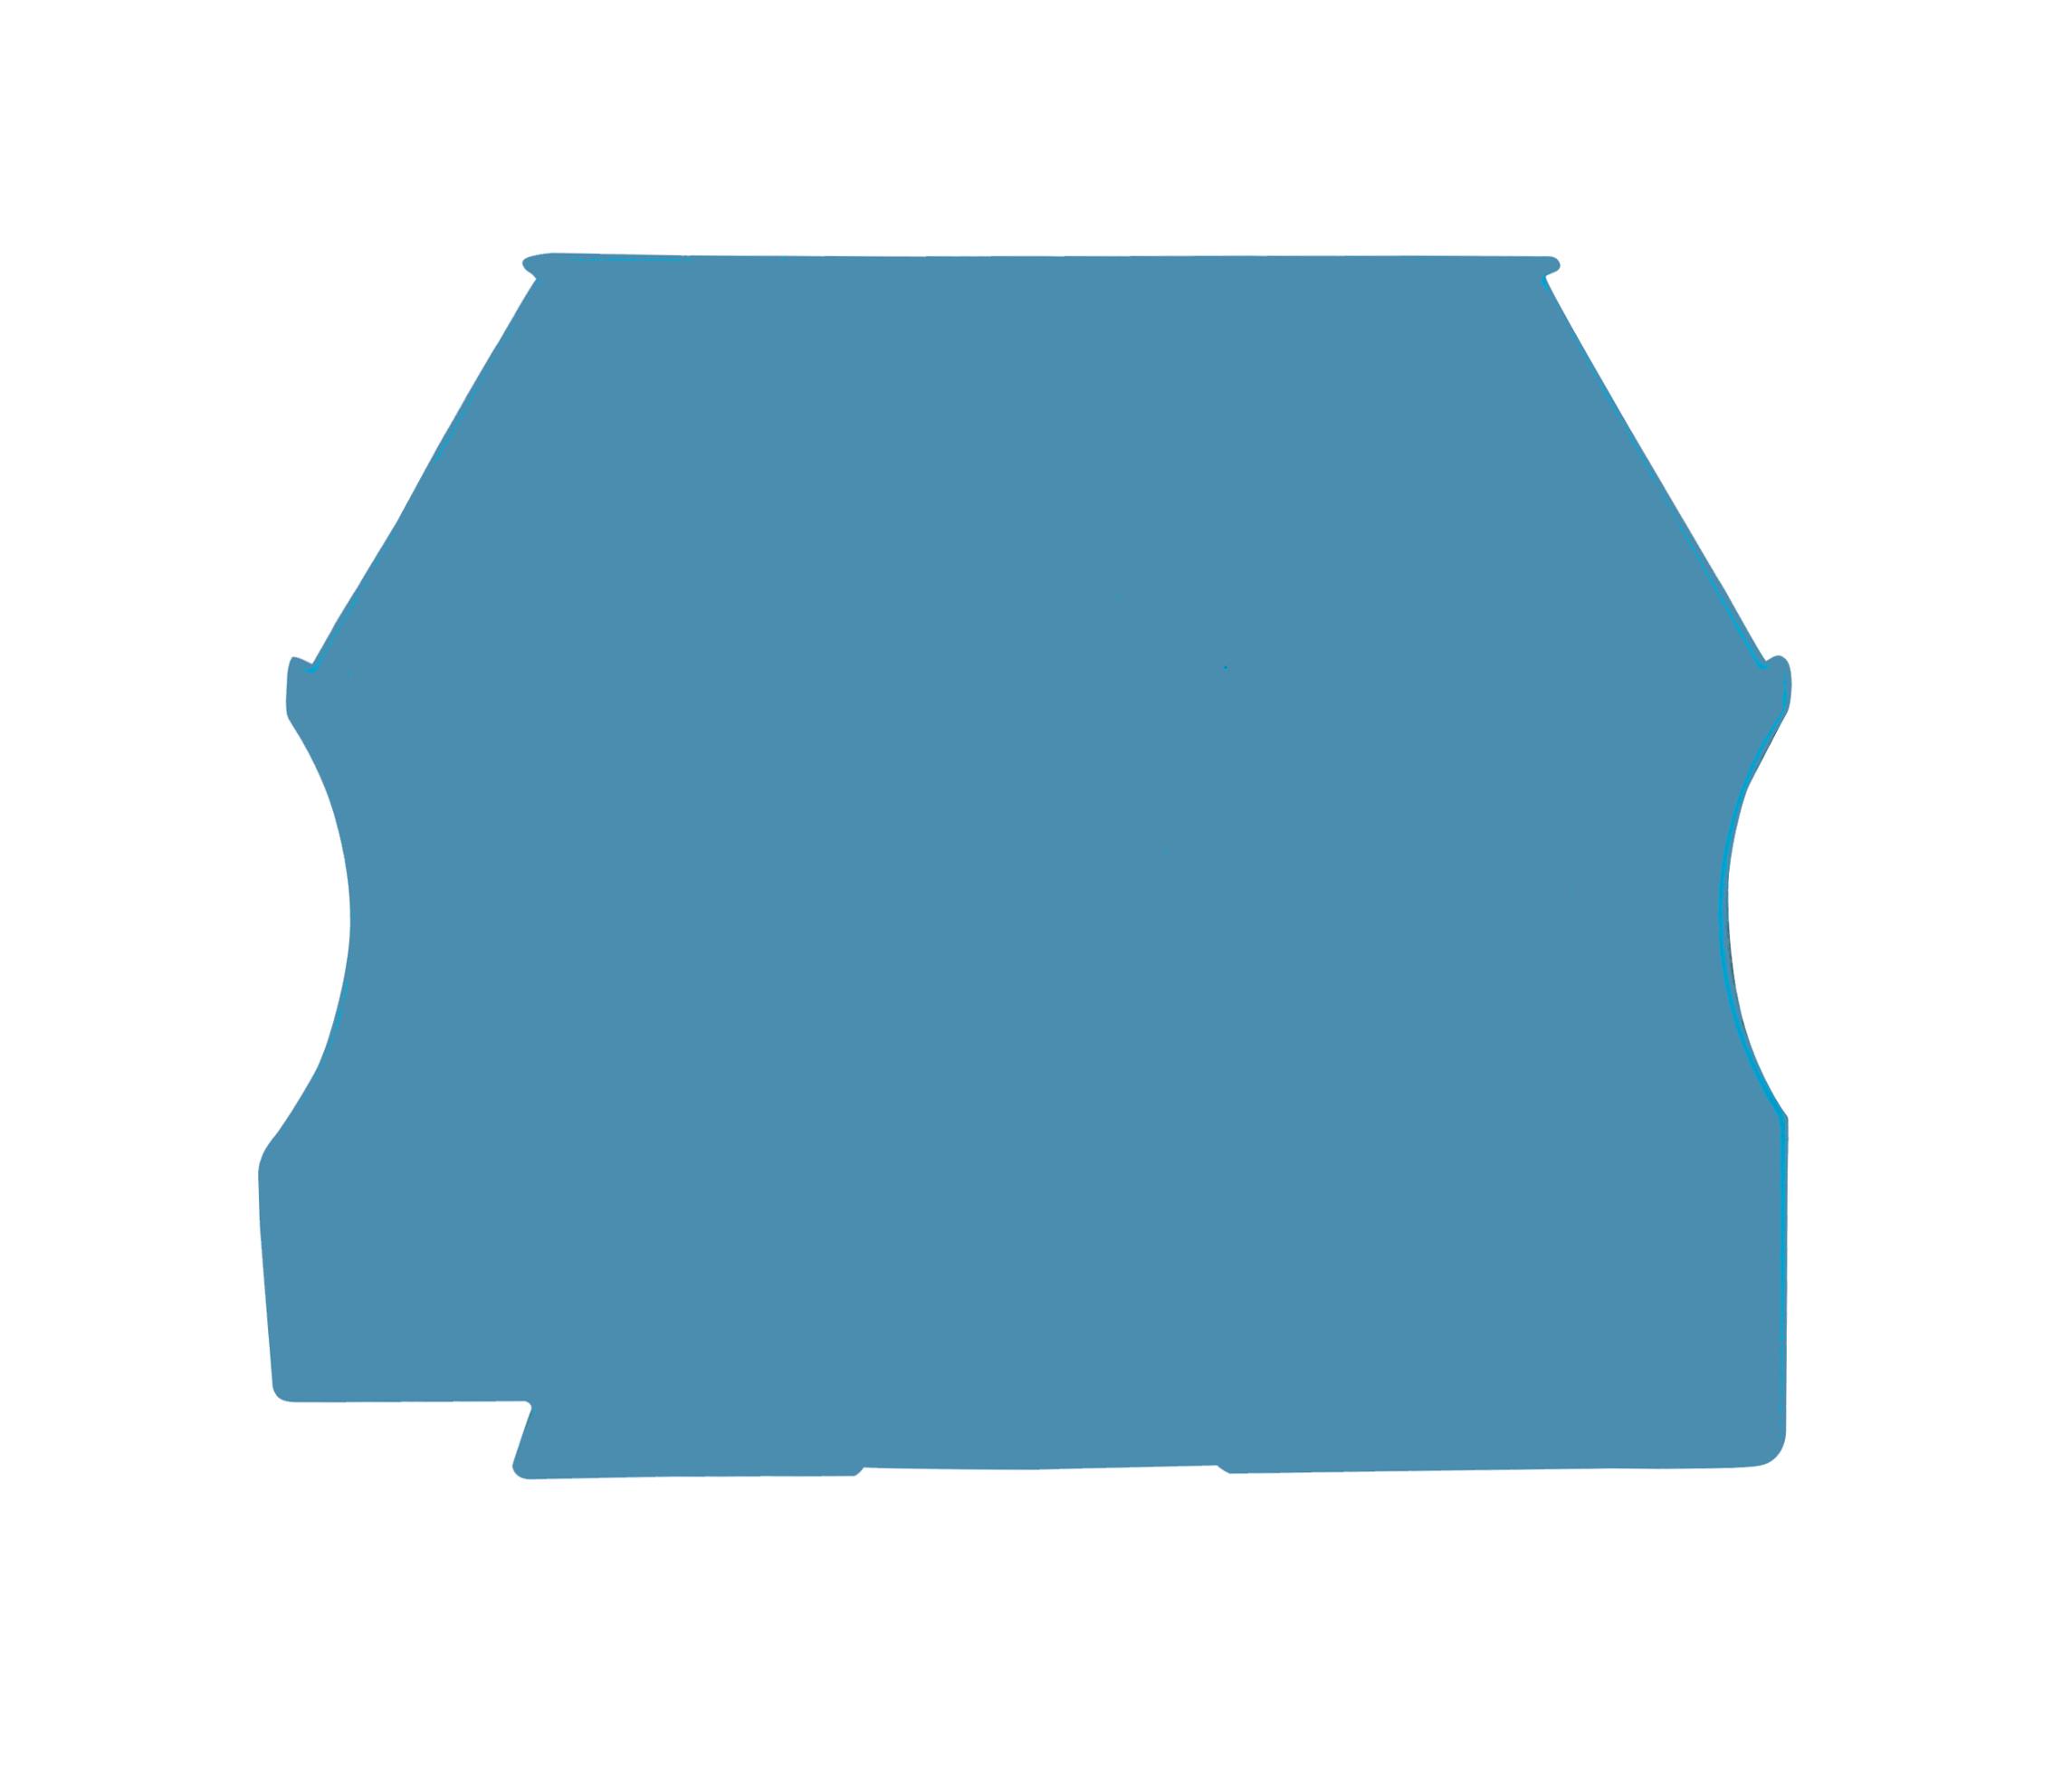 1 Stk Endplatte für Schraubklemmen AVK 2.5, 4, 6 und 10 blau IK601210--